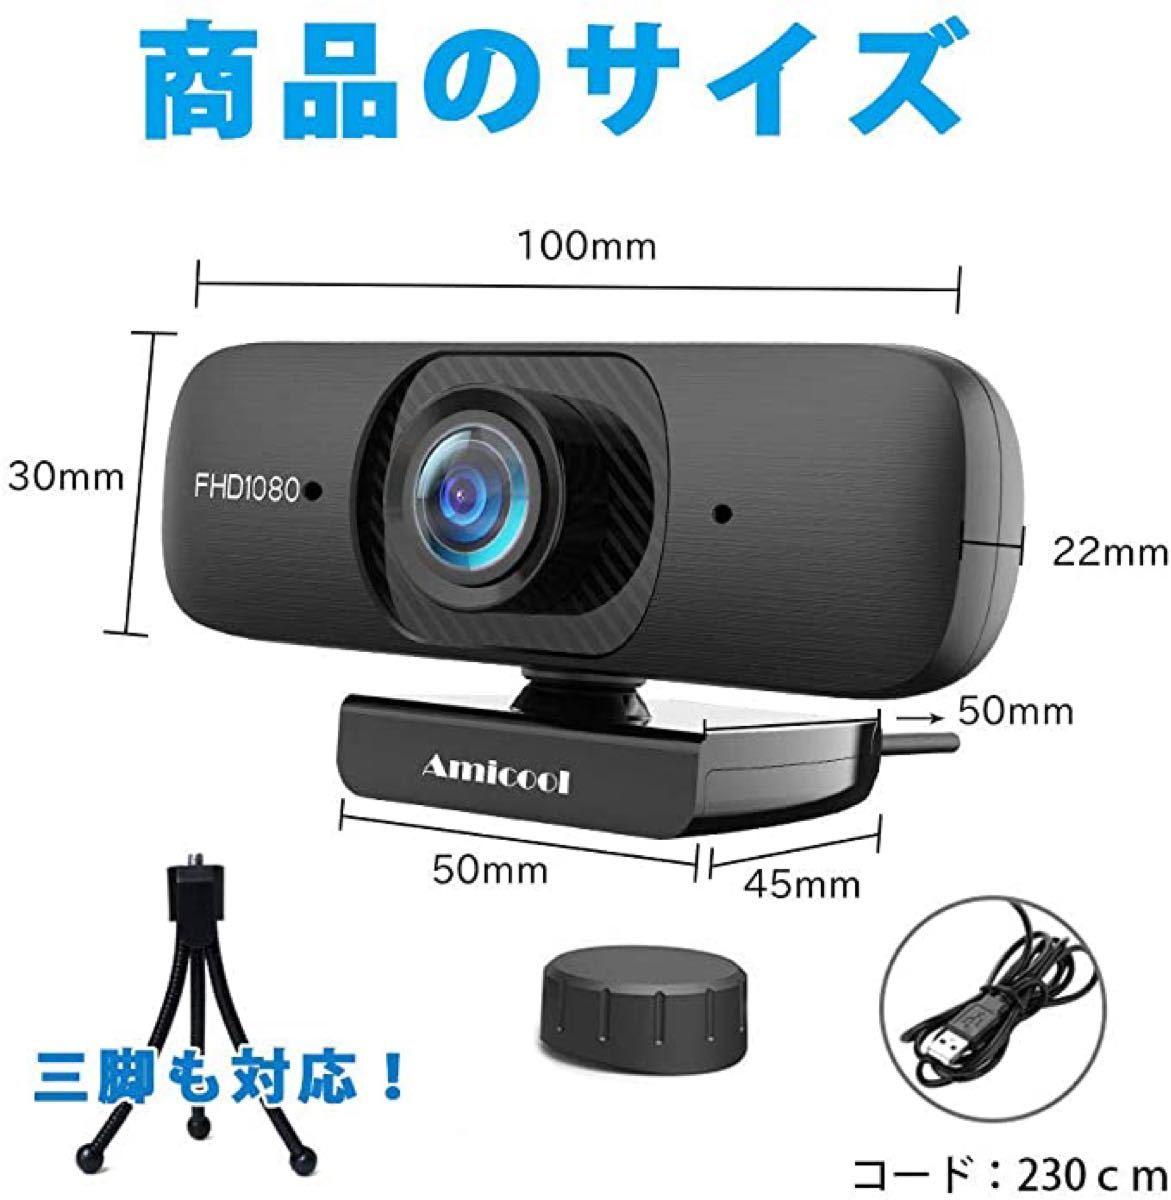 ウェブカメラ フルHD  200万画素 120°超広角 マイク内蔵 自動フォーカス 自動補正 Webカメラ 外付け マイク付き